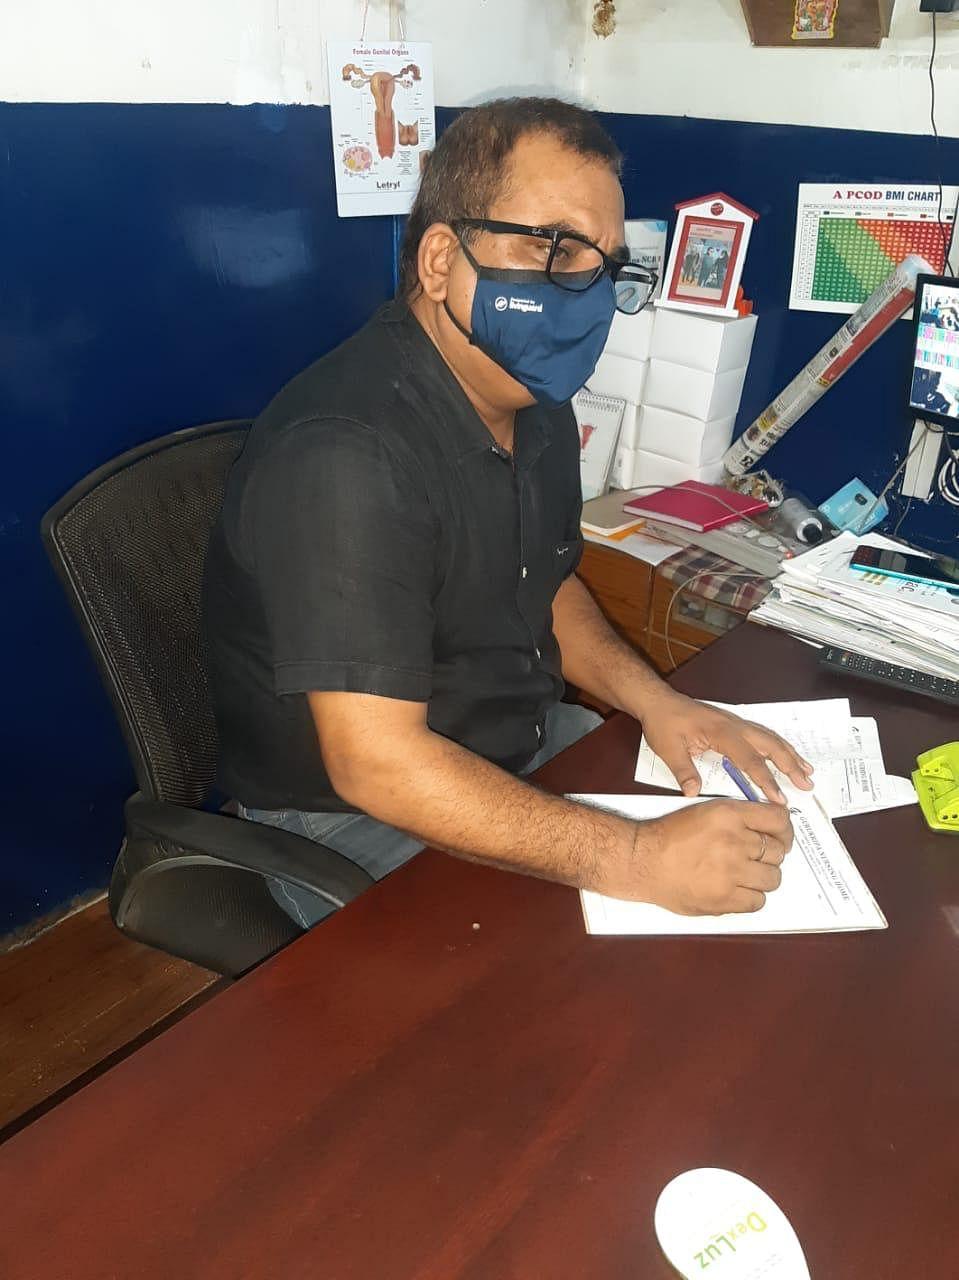 चिकित्सकों को सुरक्षा दे सरकार, हॉस्पिटल को घोषित करें सुरक्षित जोन : आइएमए